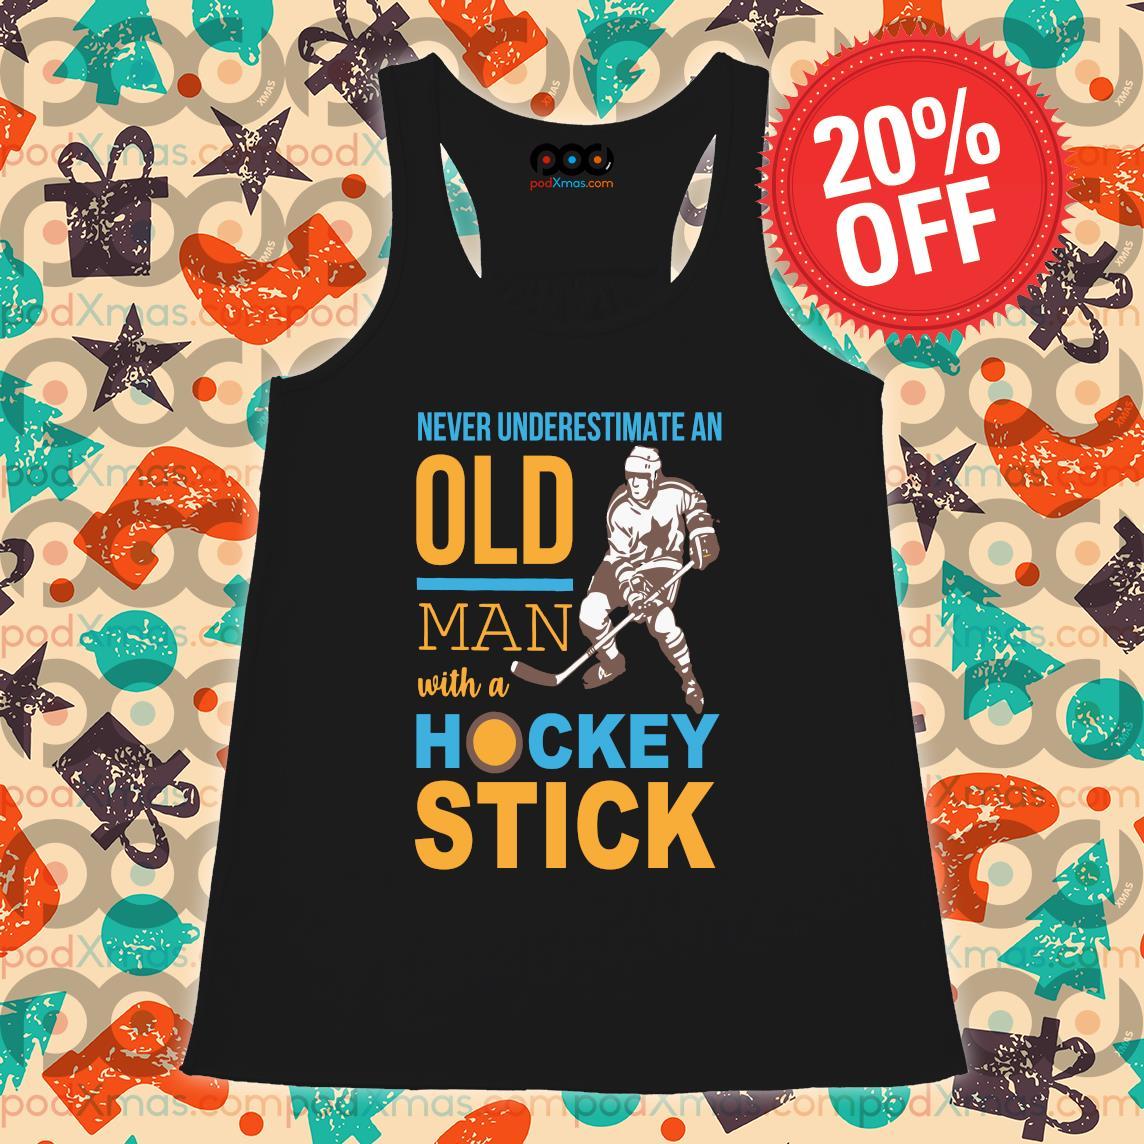 Never Underestimate an old man with a Hockey stick s Flowy tank PODxmas den